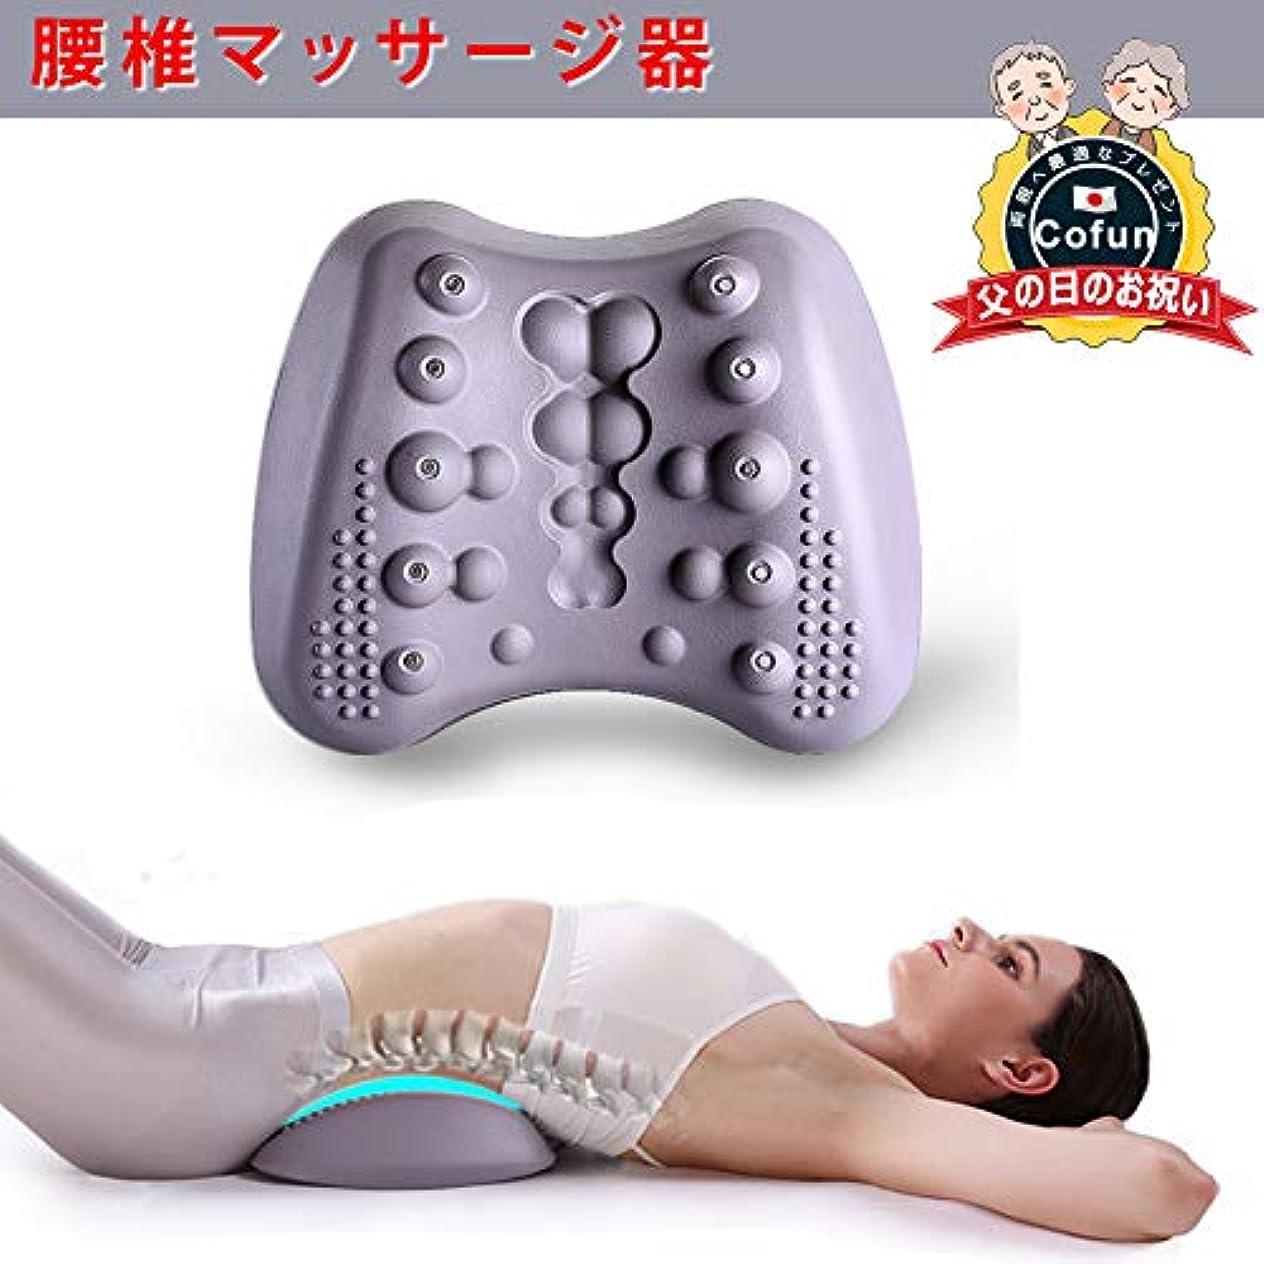 虹感嘆暴君腰椎矯正器 腰マッサージ器 脊椎牽引器 腰部パッド マグネット指圧 疲労を和らげる 腰痛を和らげる